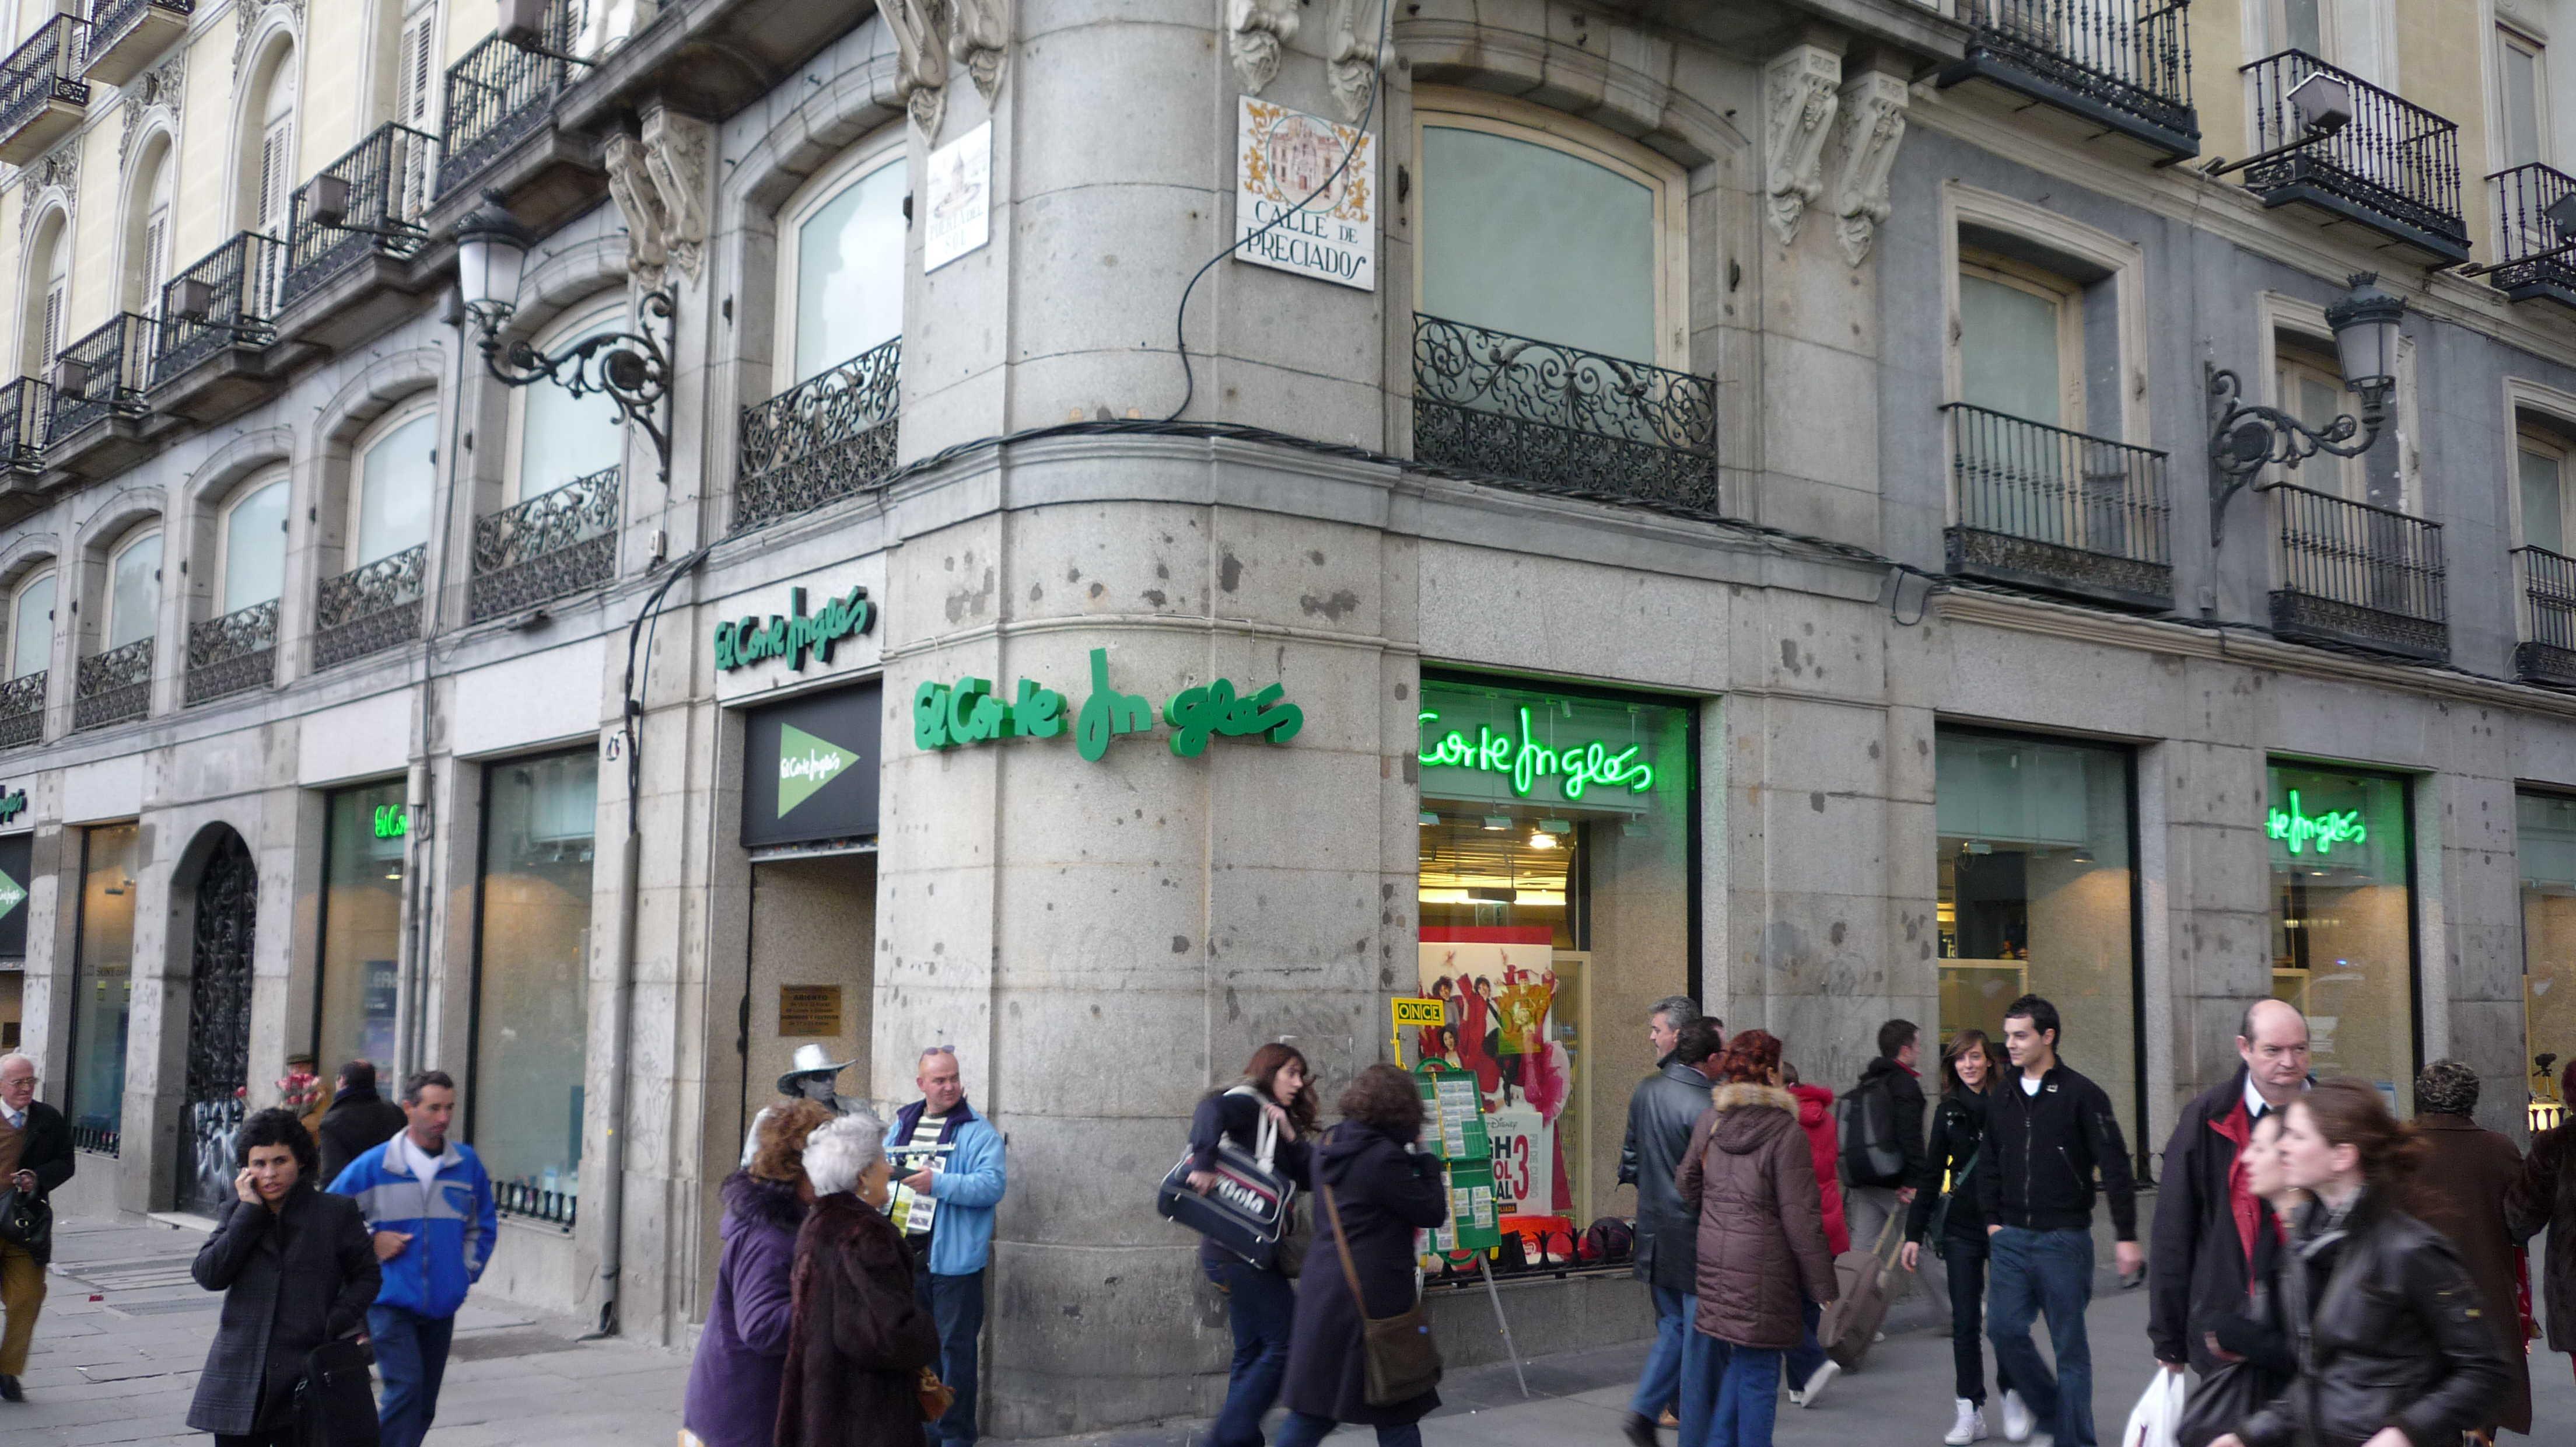 El corte ingl s vende su centro comercial de la puerta del for Libreria puerta del sol